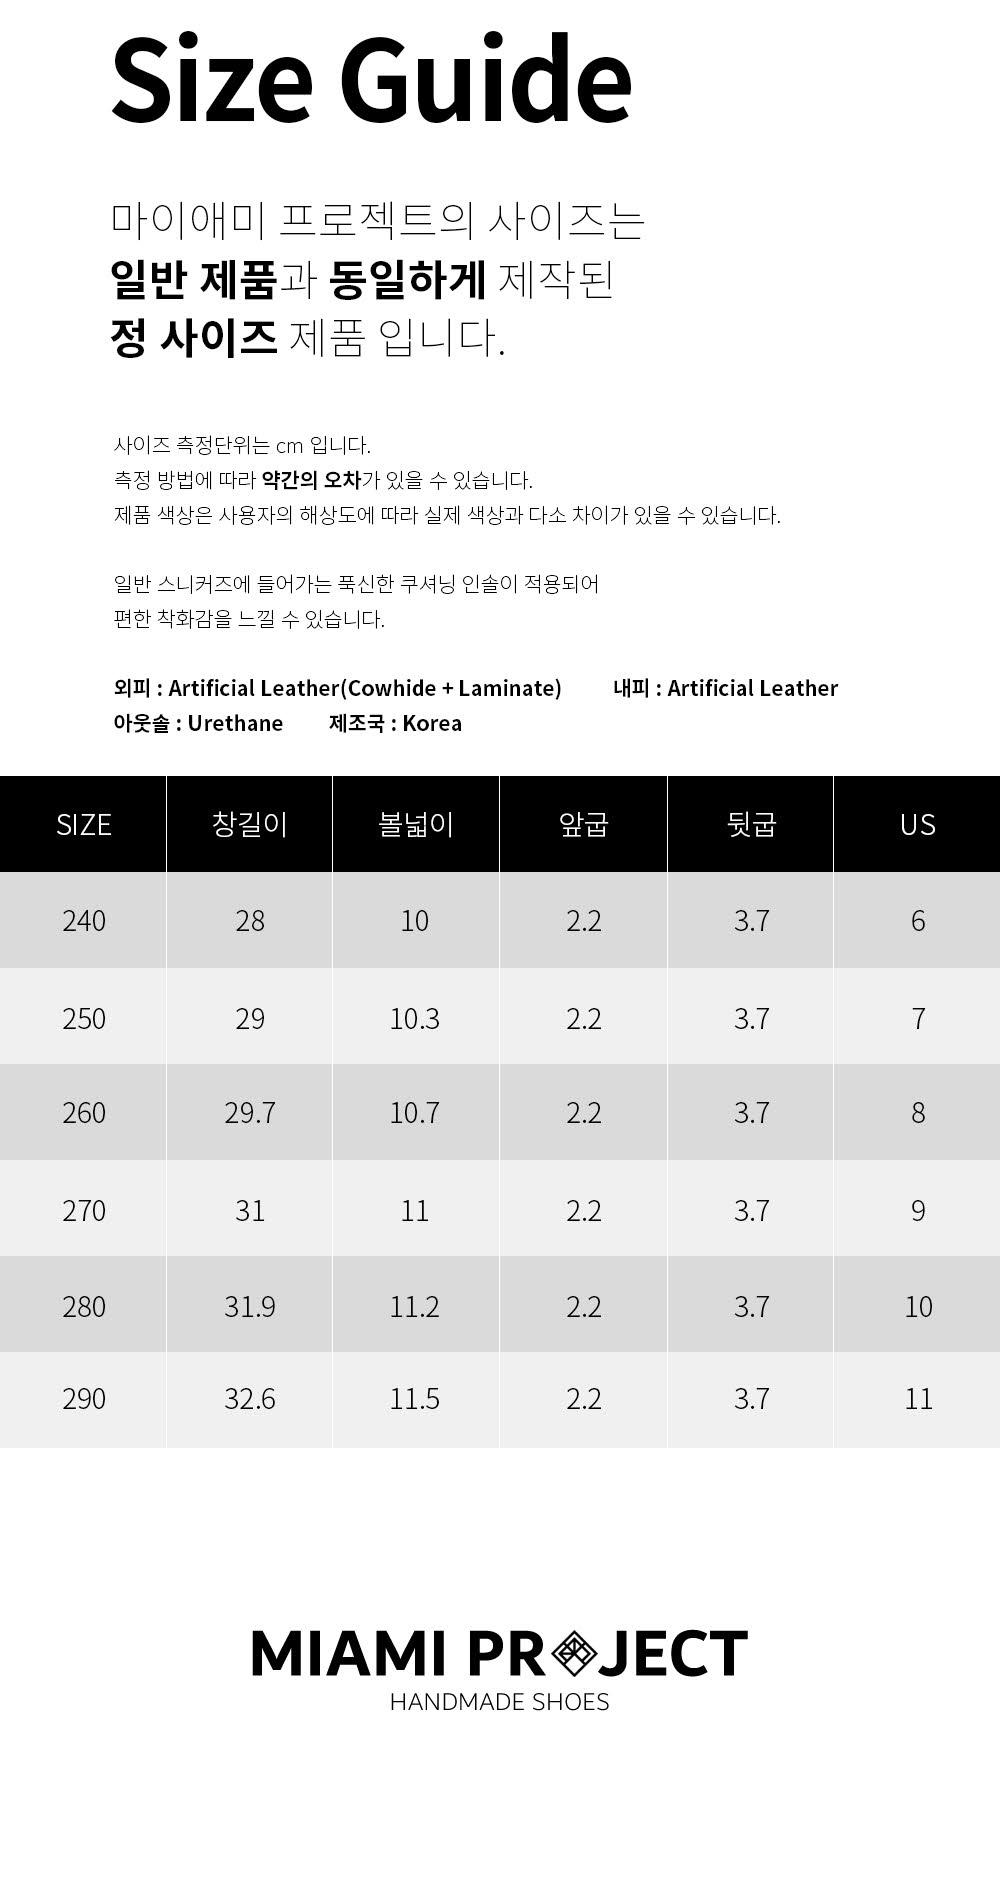 [마이애미프로젝트] 0791 비스케인 천연소가죽 콜프 페니 로퍼 밴타블랙